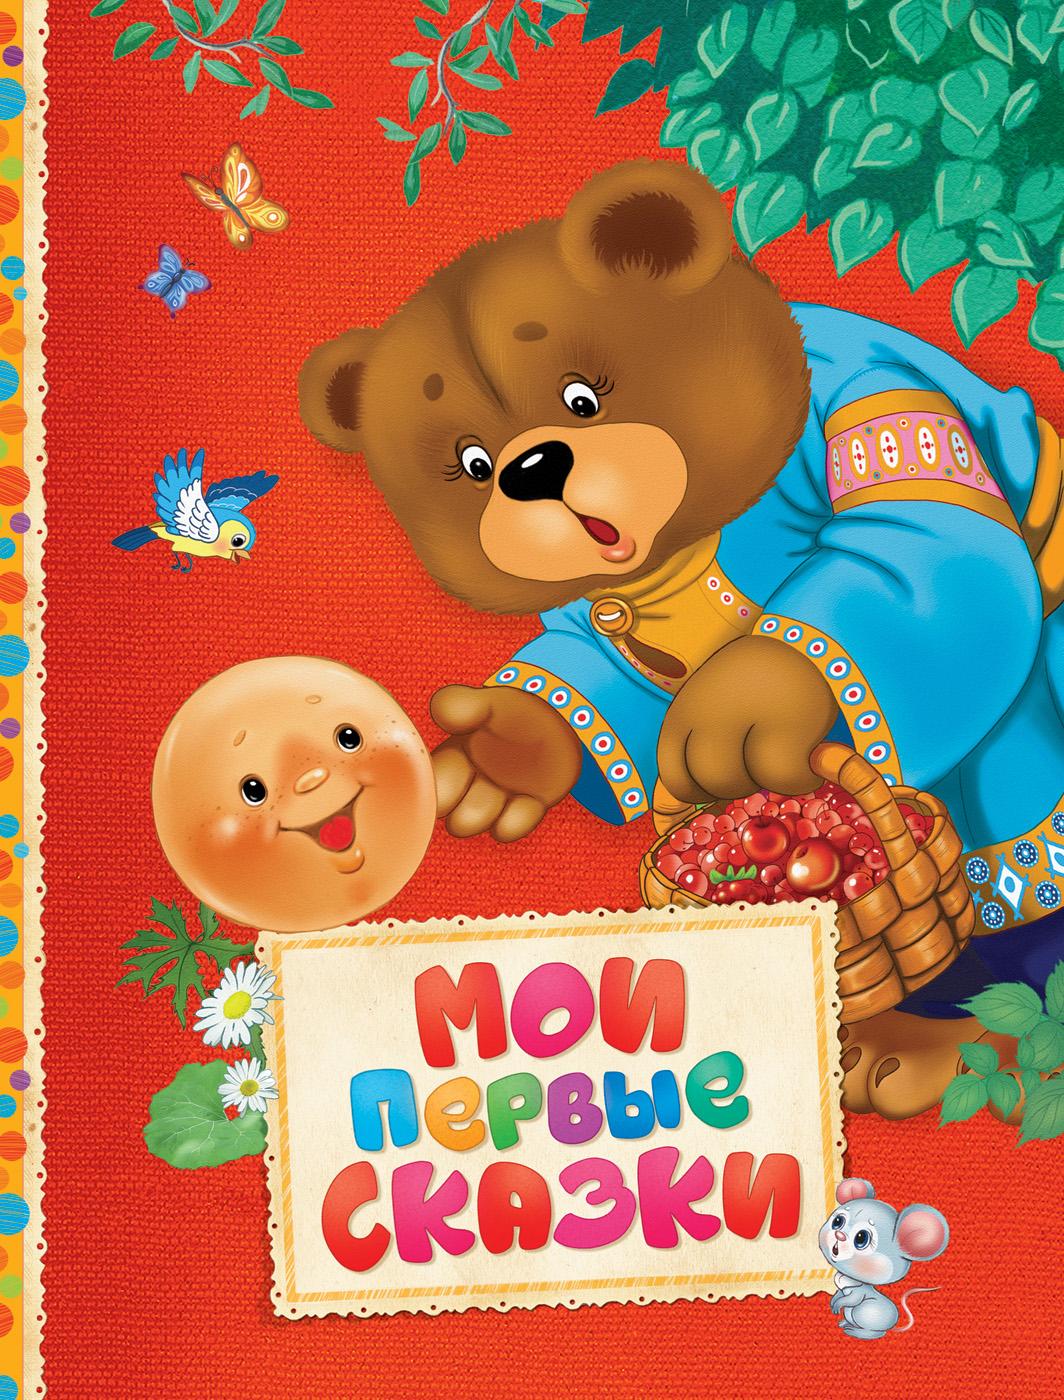 цены на Толстой А. Н., Афанасьев А. Н., Капица О. И. Мои первые сказки (Читаем малышам)  в интернет-магазинах